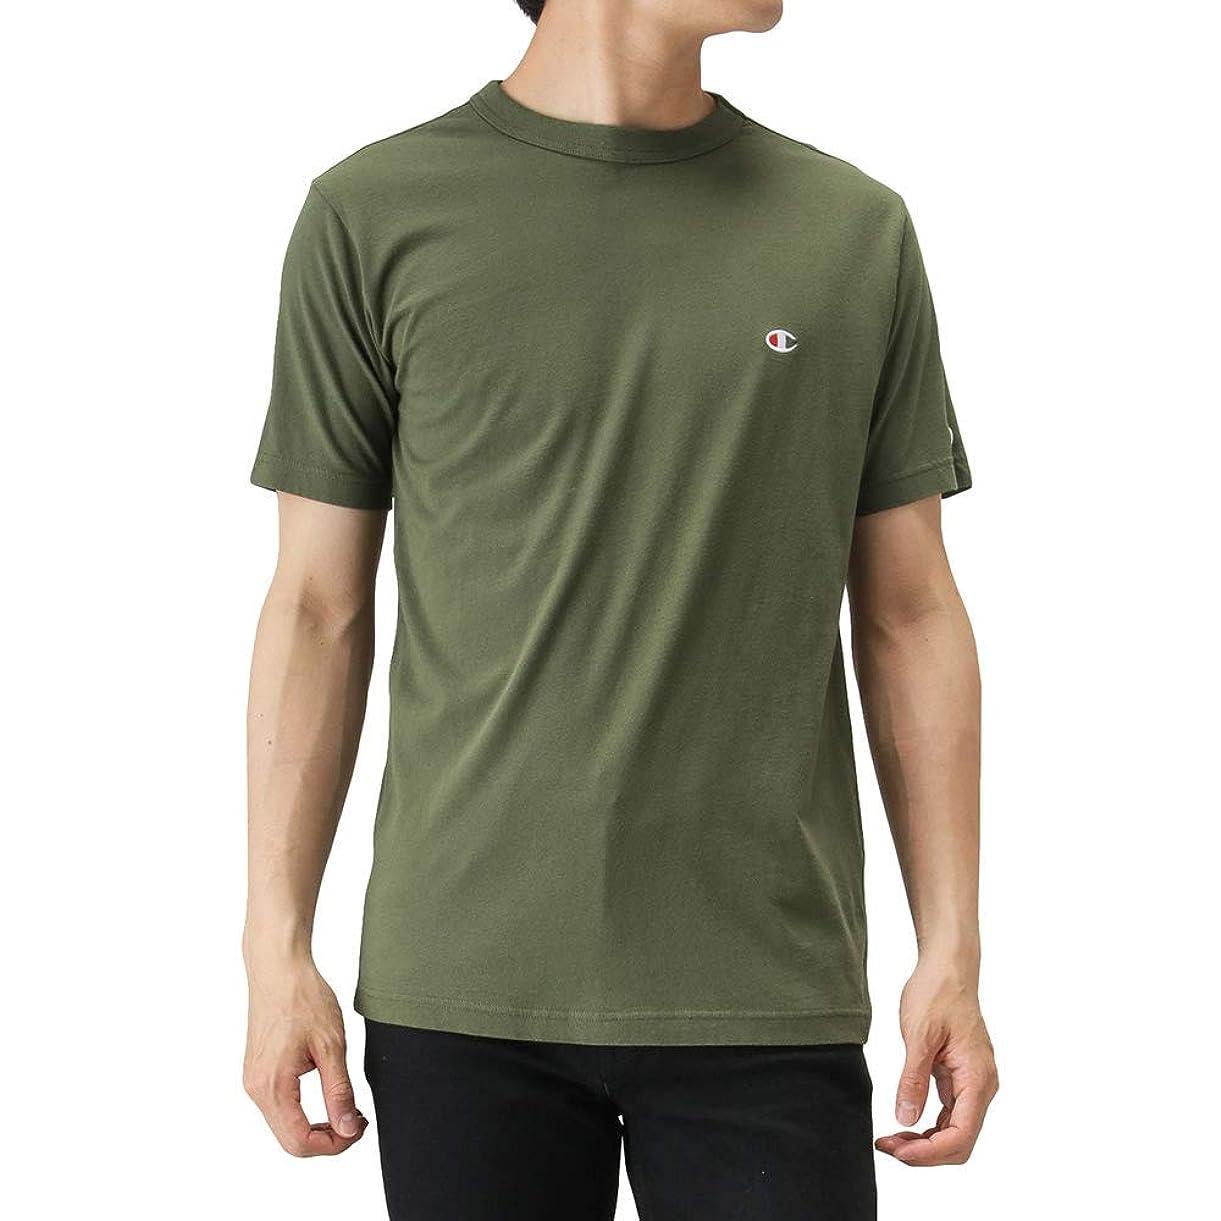 ファイバ驚いた暴露するChampion(チャンピオン) プリントTシャツ 半袖Tシャツ クルーネック C3-P300 メンズ